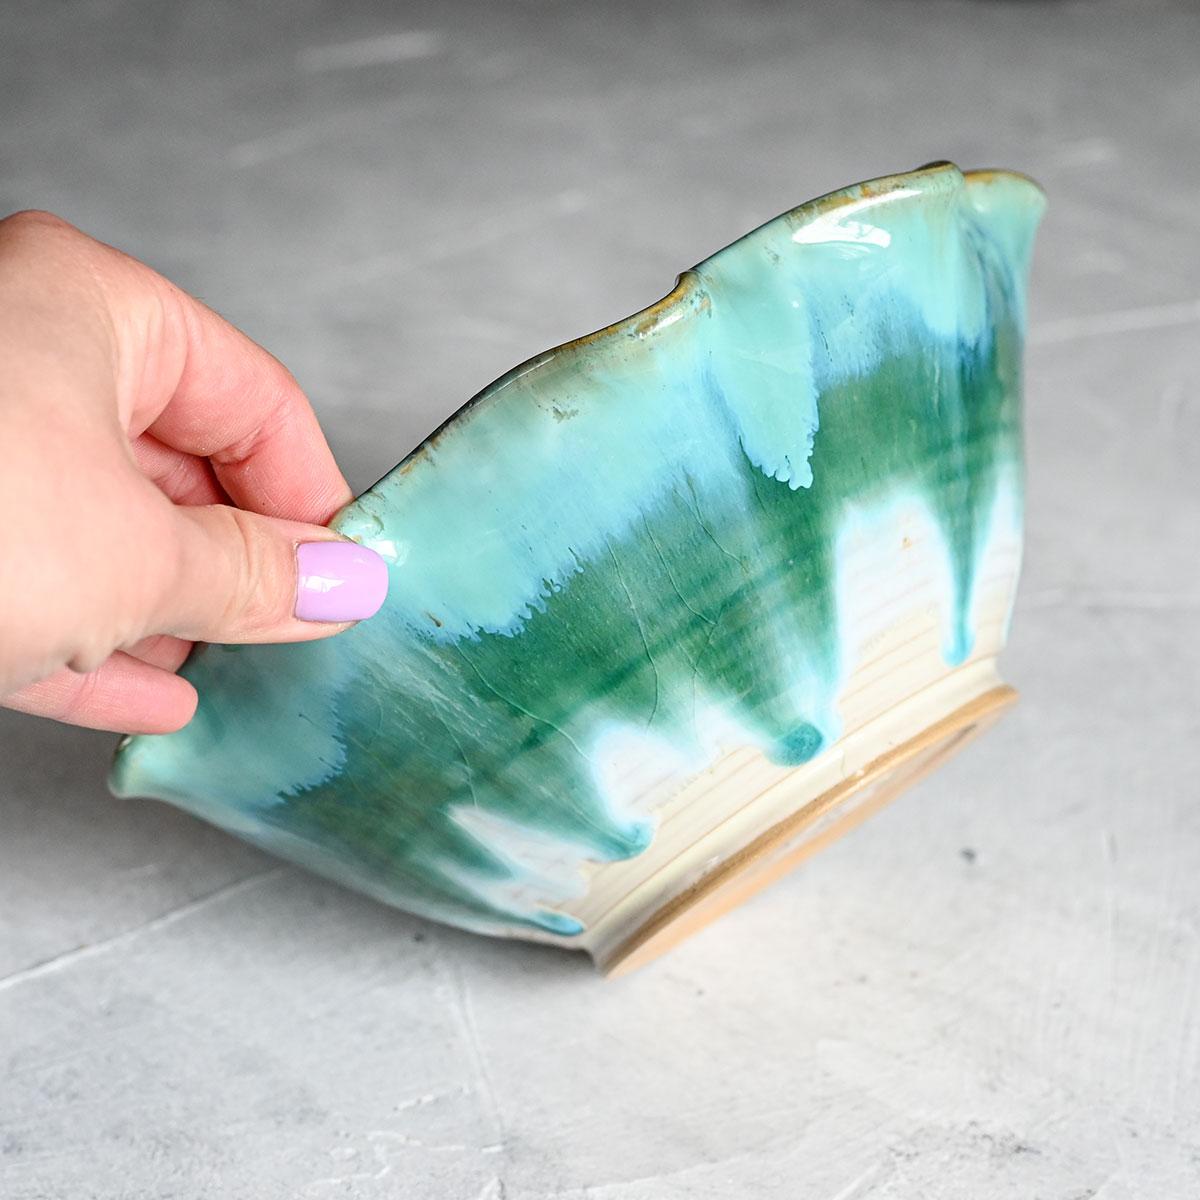 """картинка Керамический салатник ручной работы """"Ракушка"""" - DishWishes.Ru"""